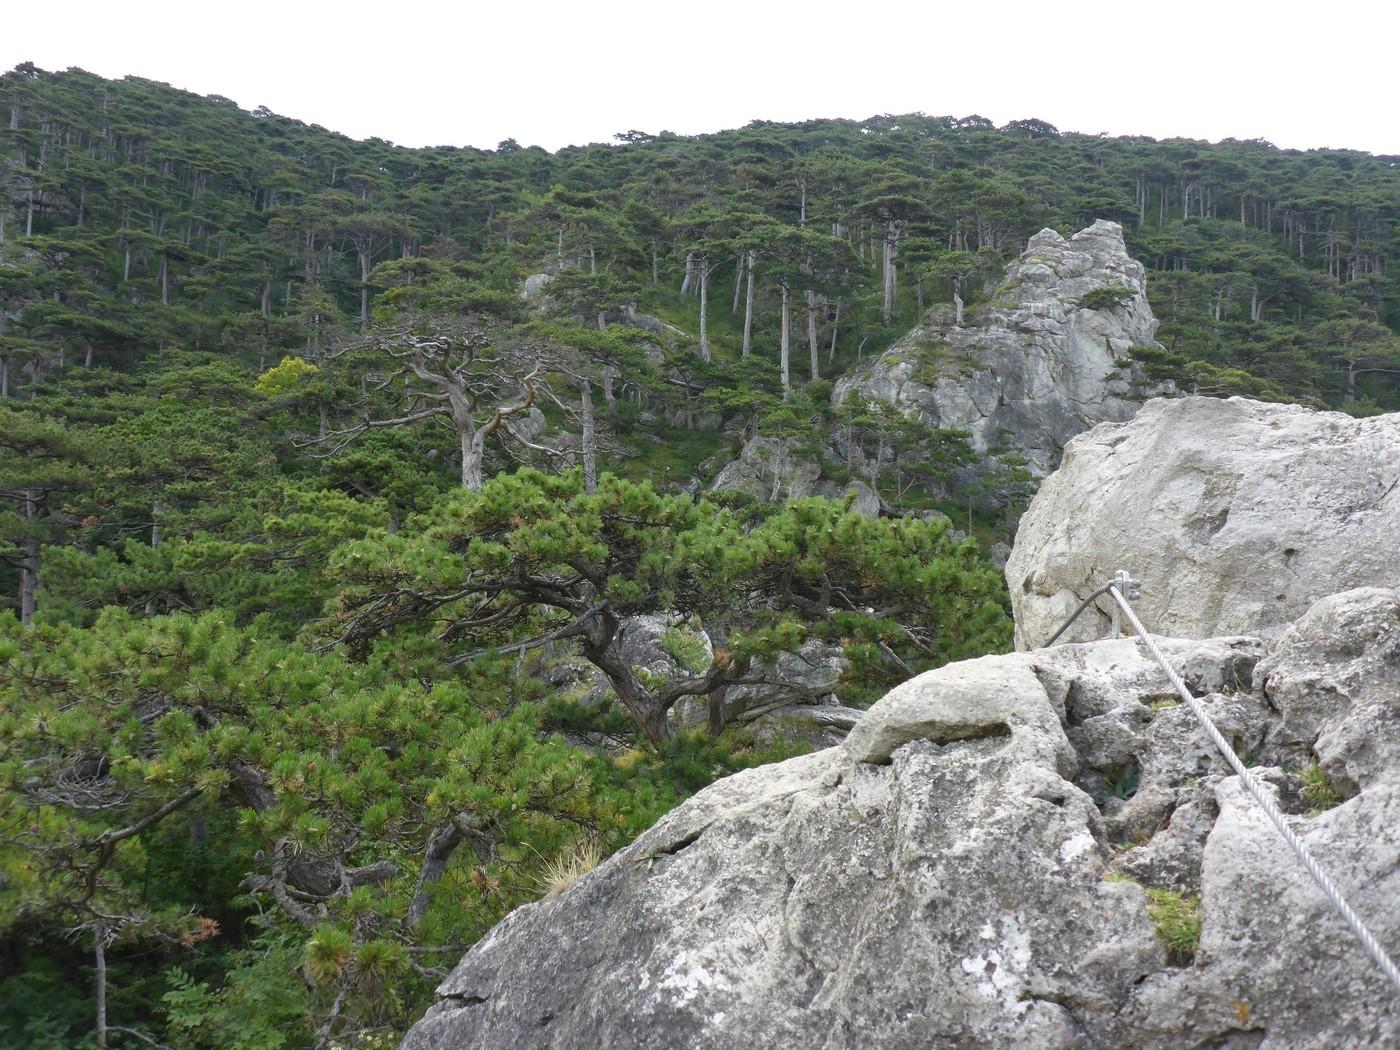 Klettersteig Mödling : Mödlinger klettersteig wienerwald gbl